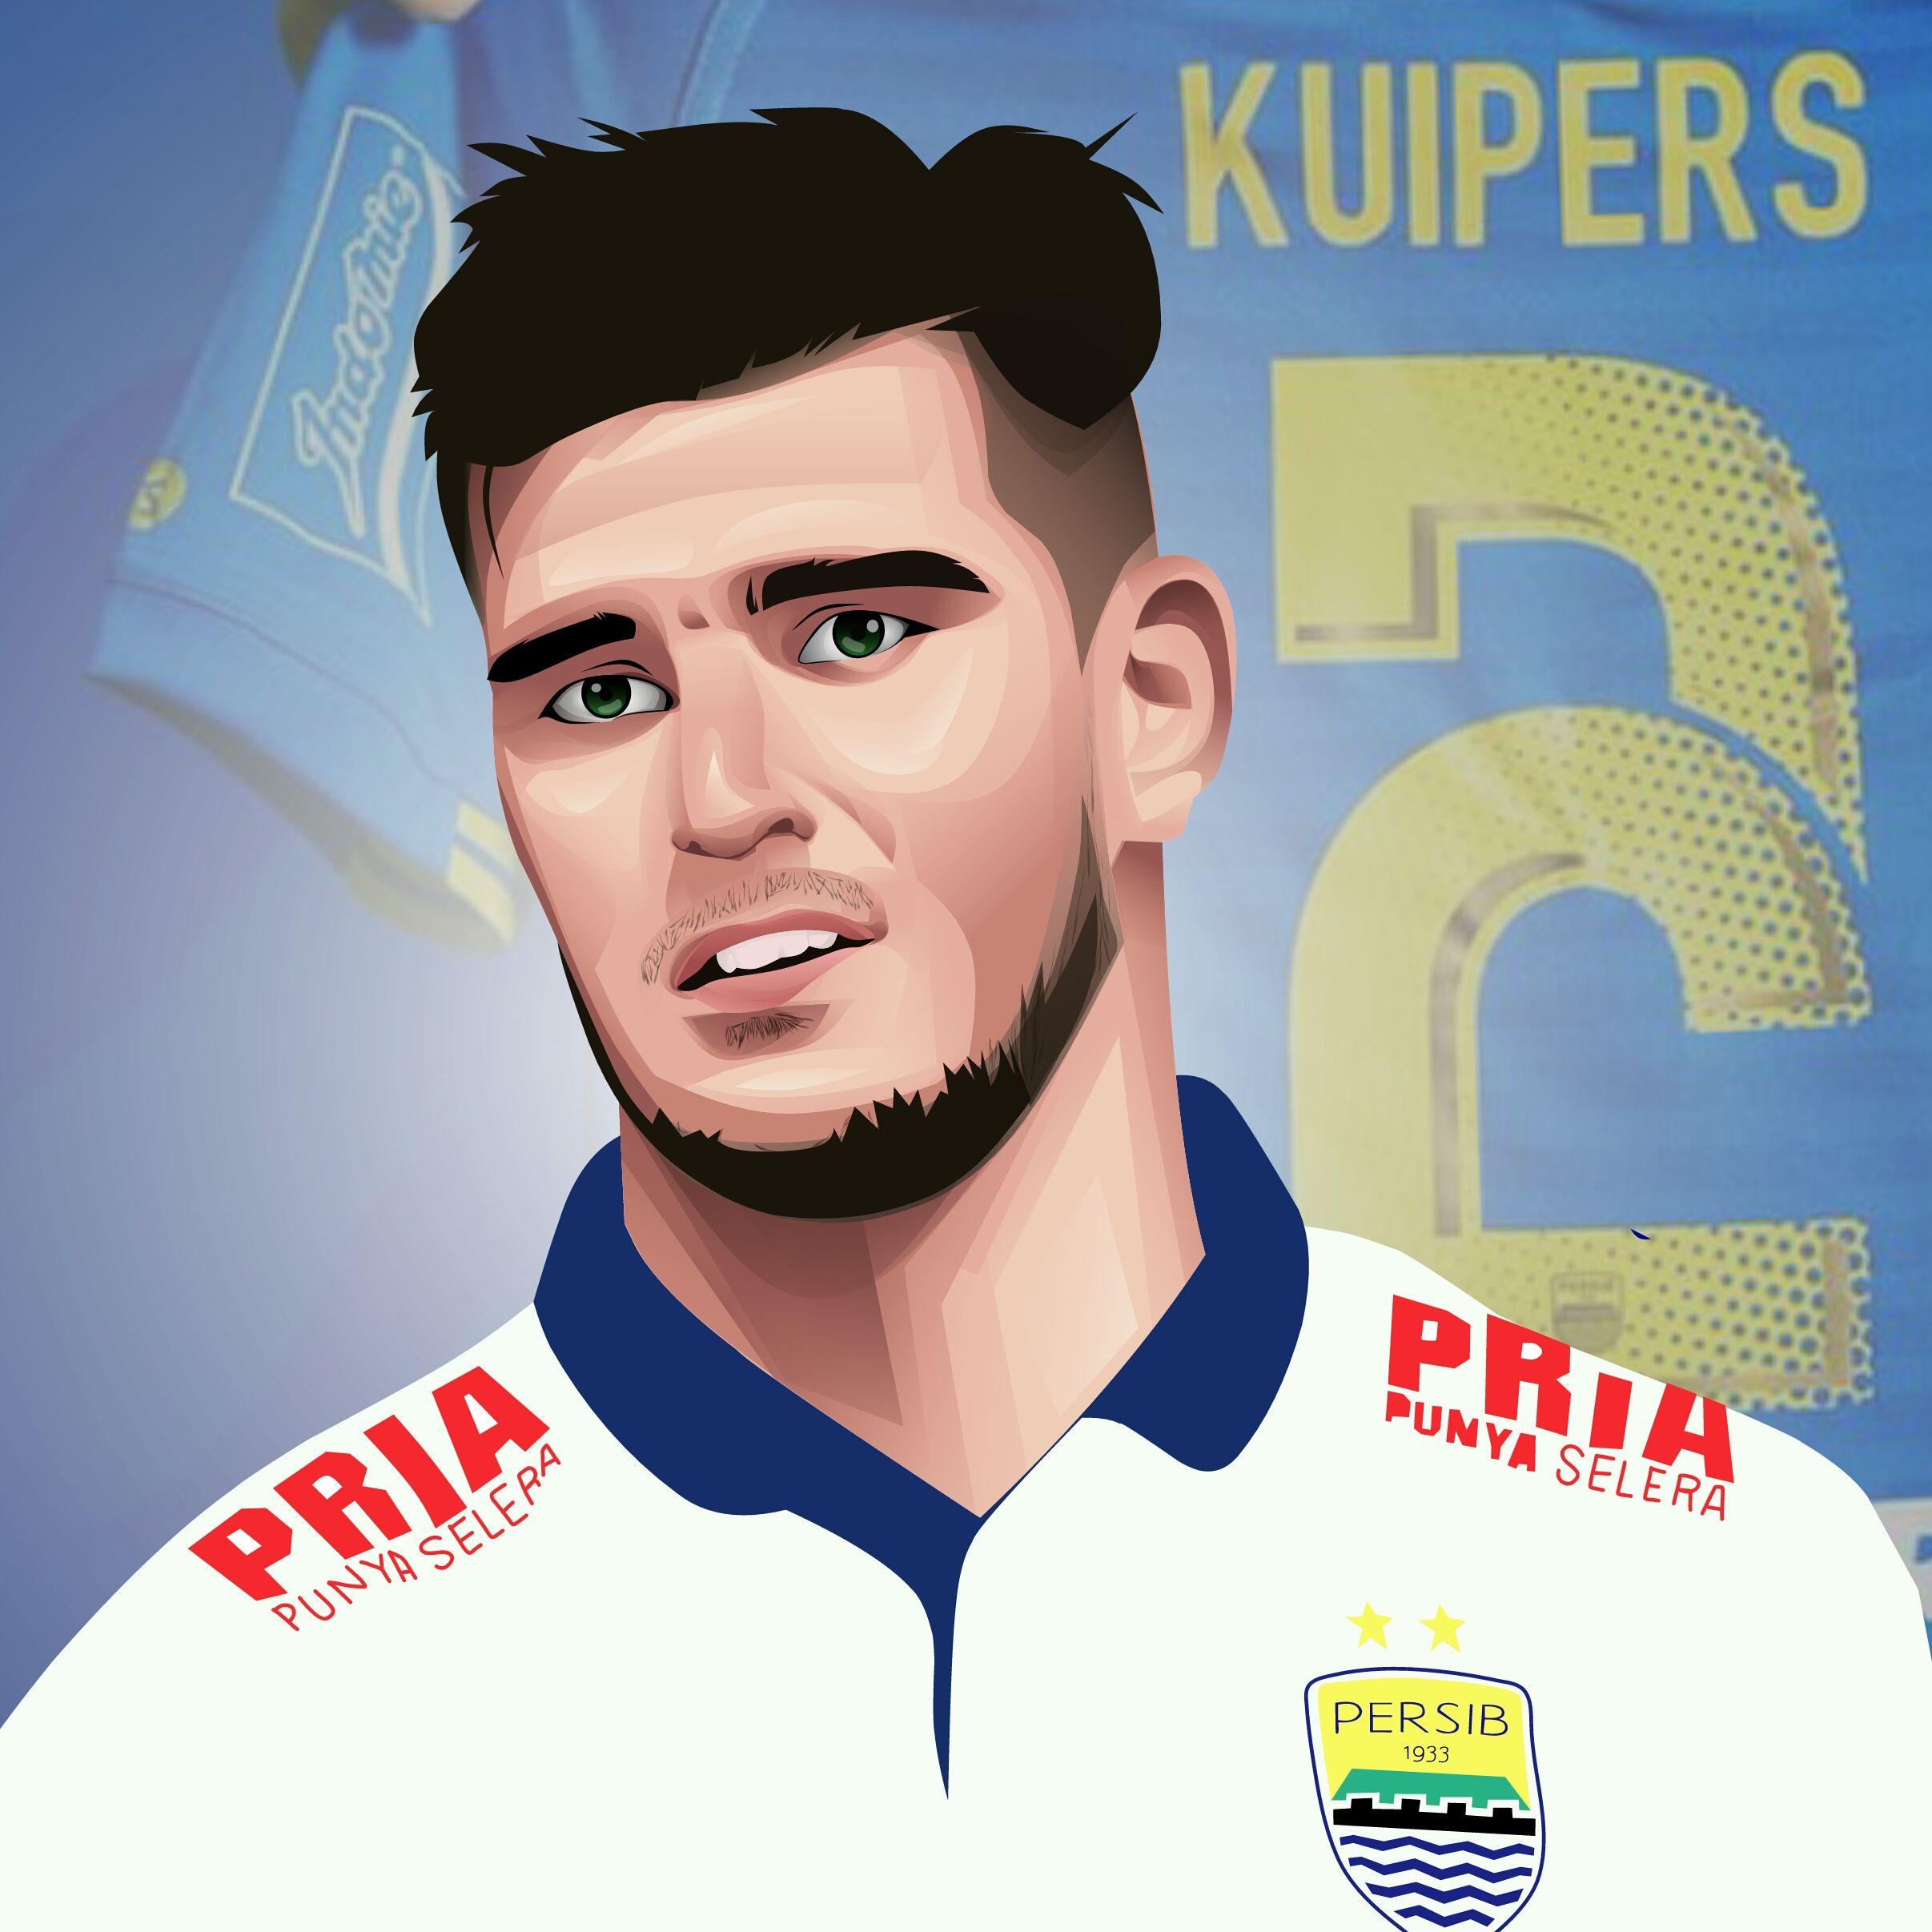 Nick Kuipers Best Player Cb